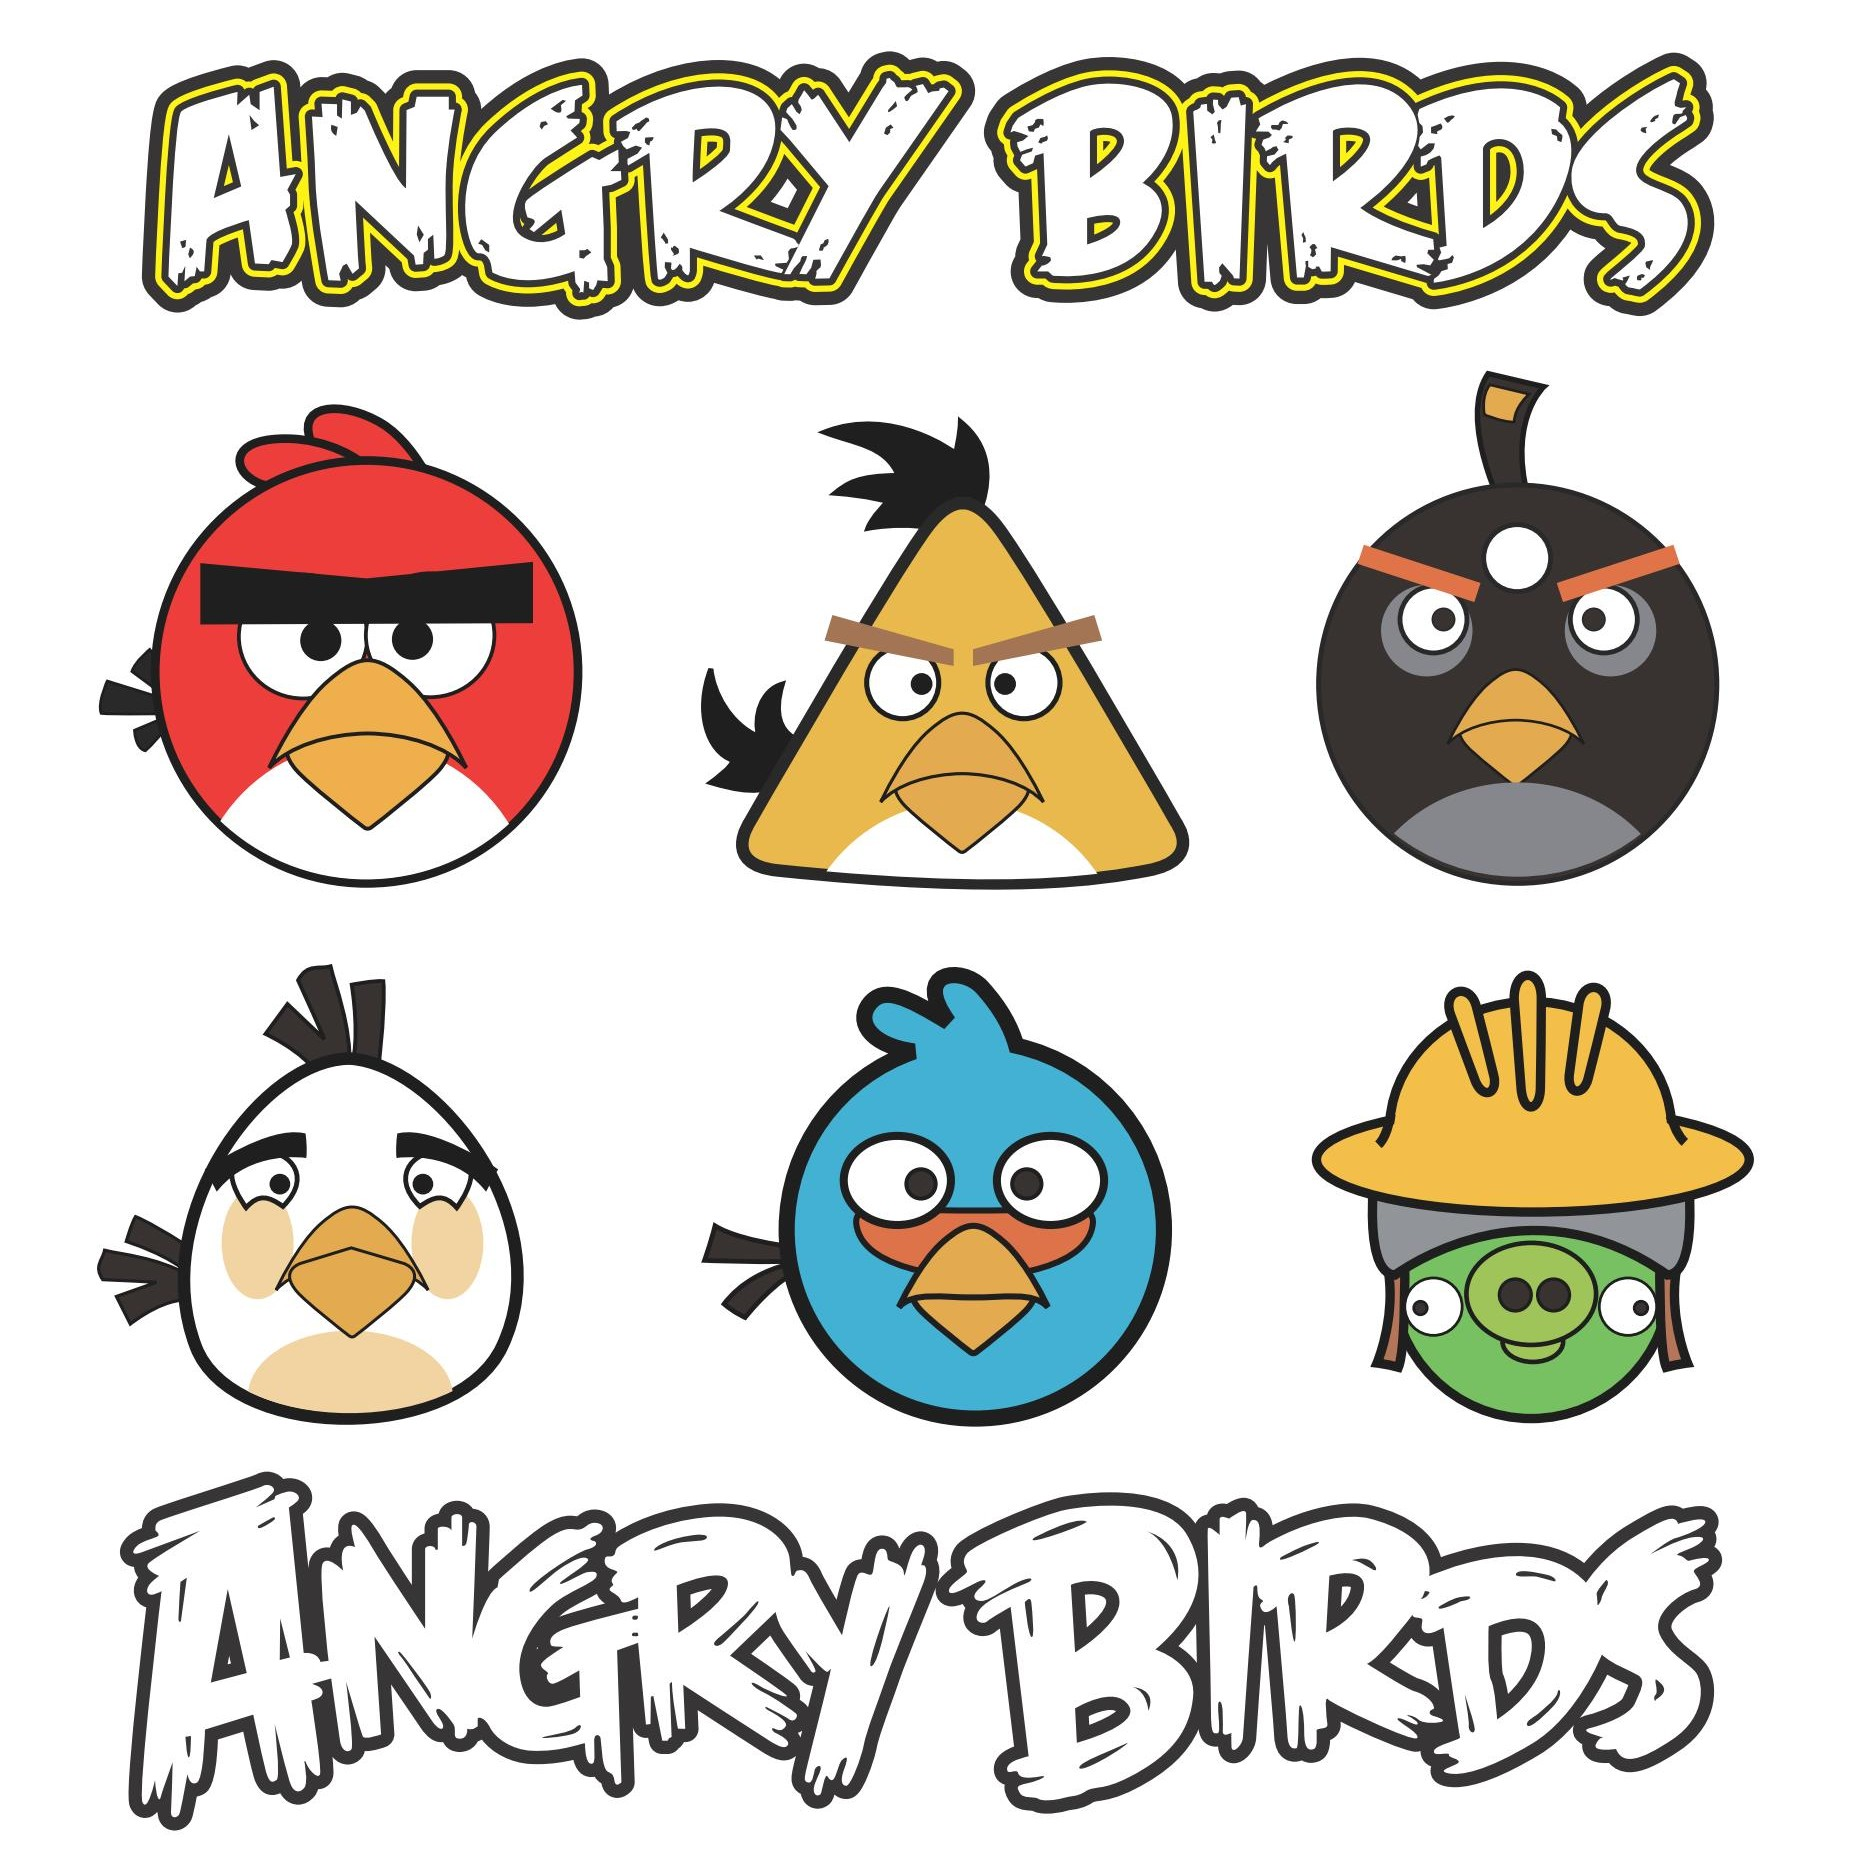 Dibujo para imprimir y colorear de Angry Birds coloreados